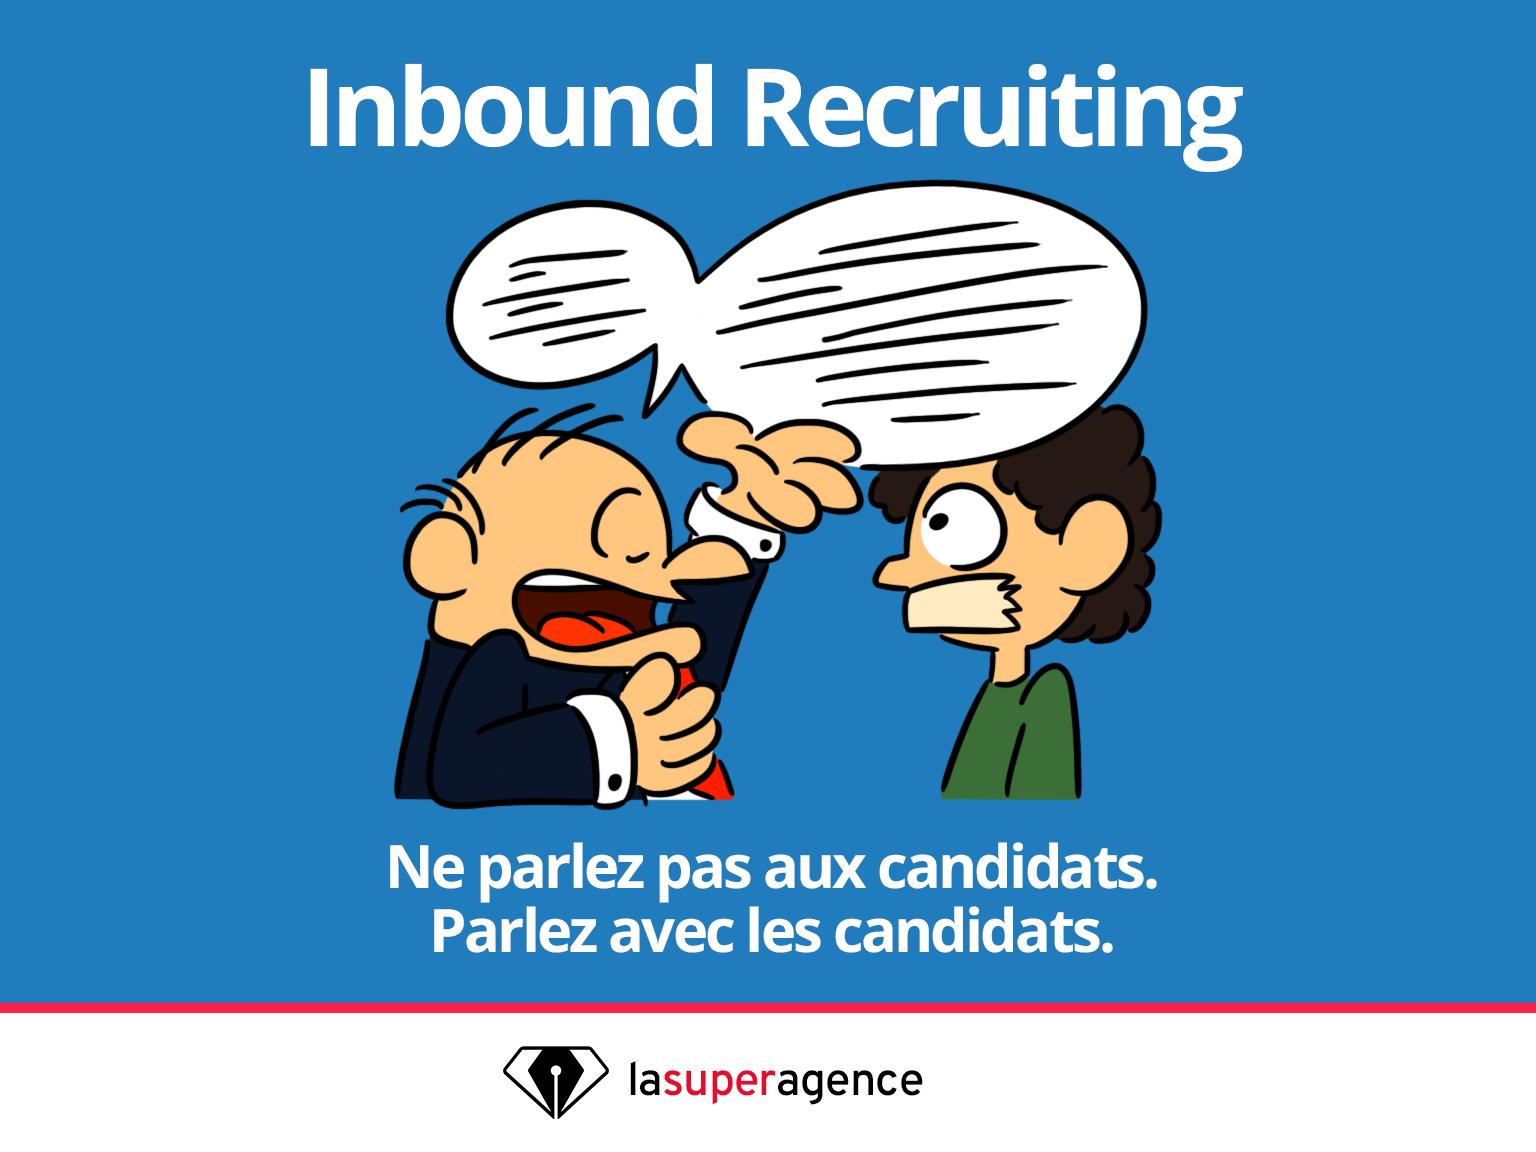 inbound-recruiting